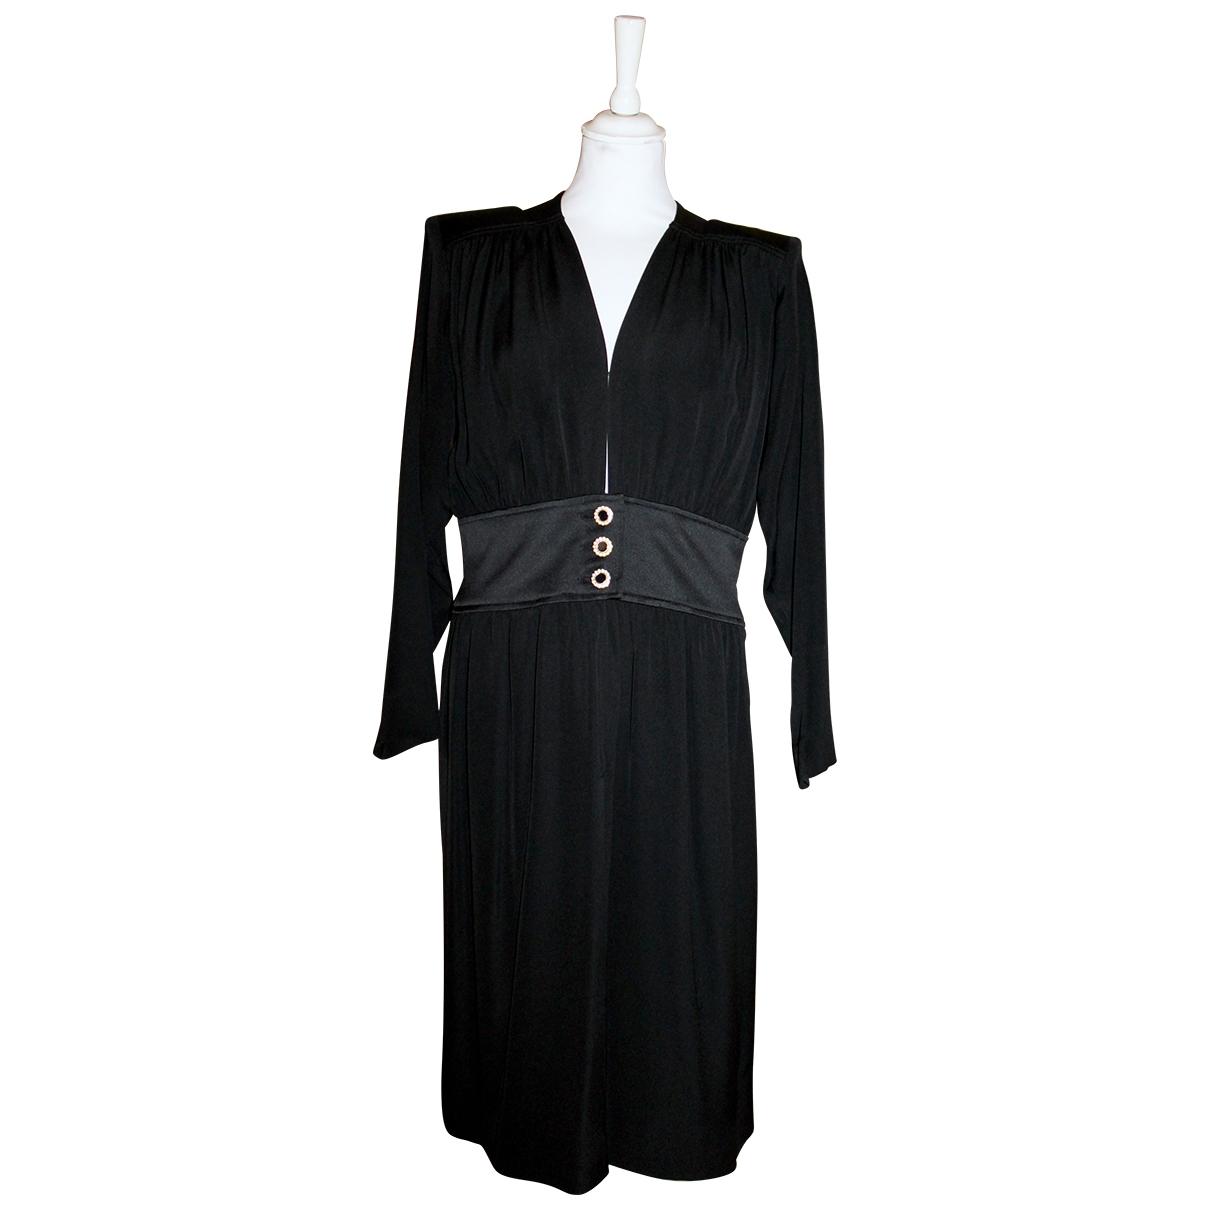 Yves Saint Laurent N Black Silk Dress for Women